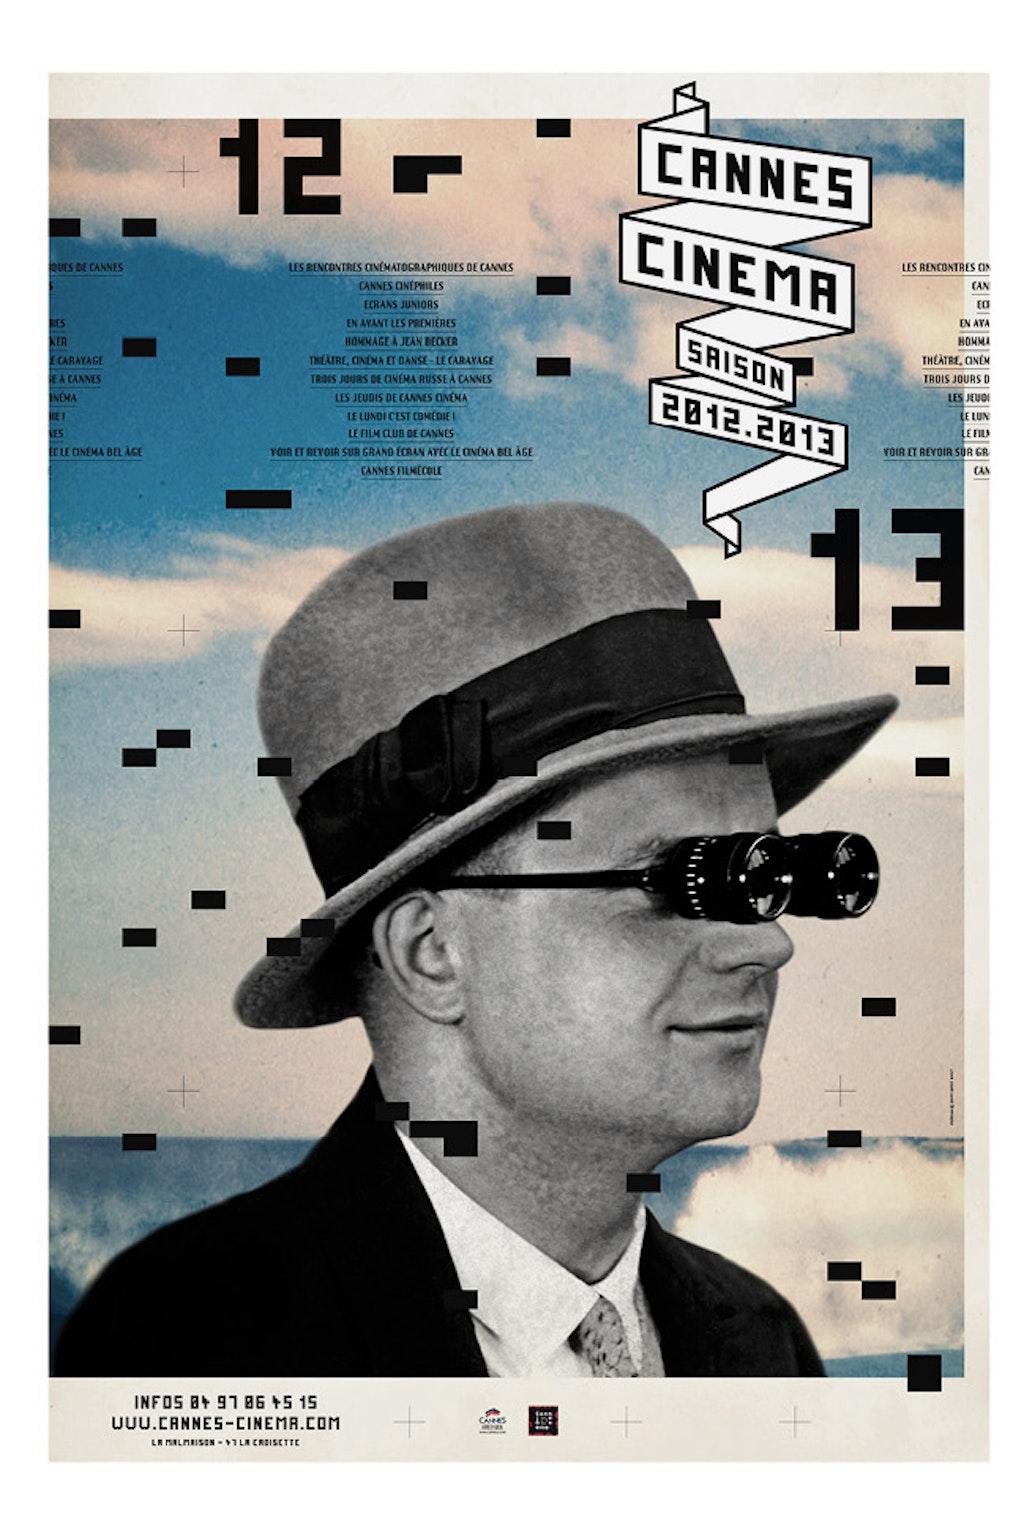 Cannes Cinéma 12+13